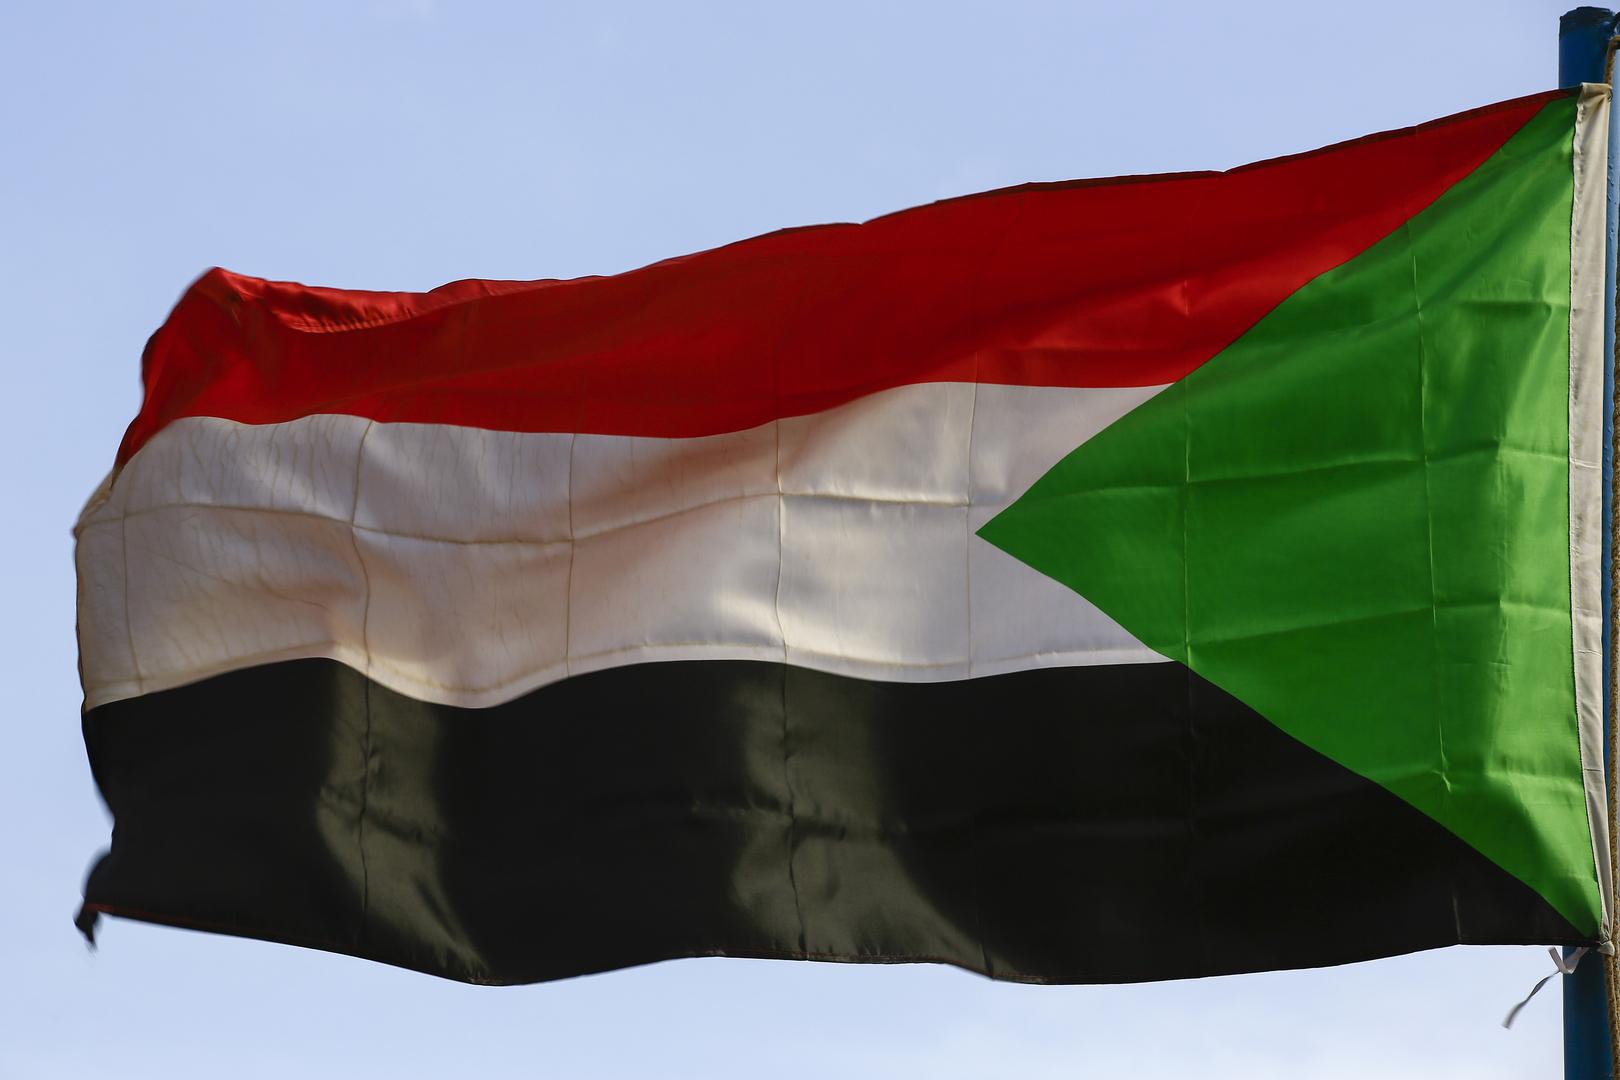 السودان: التنسيق حول إبرام اتفاق مركز الامداد للبحرية الروسية سيجري على مستوى العسكريين